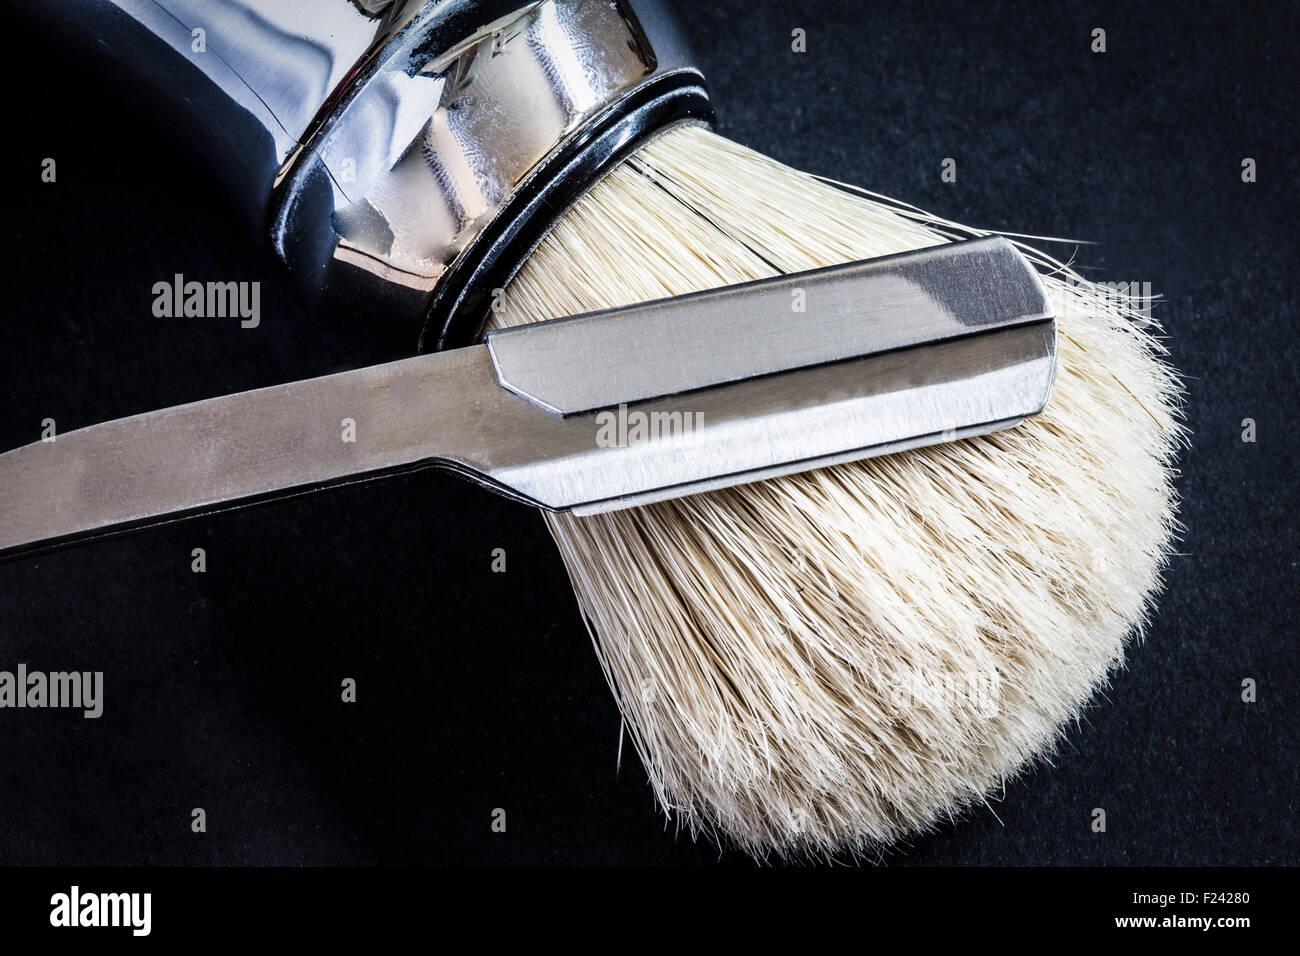 razor and shaving brush - Stock Image